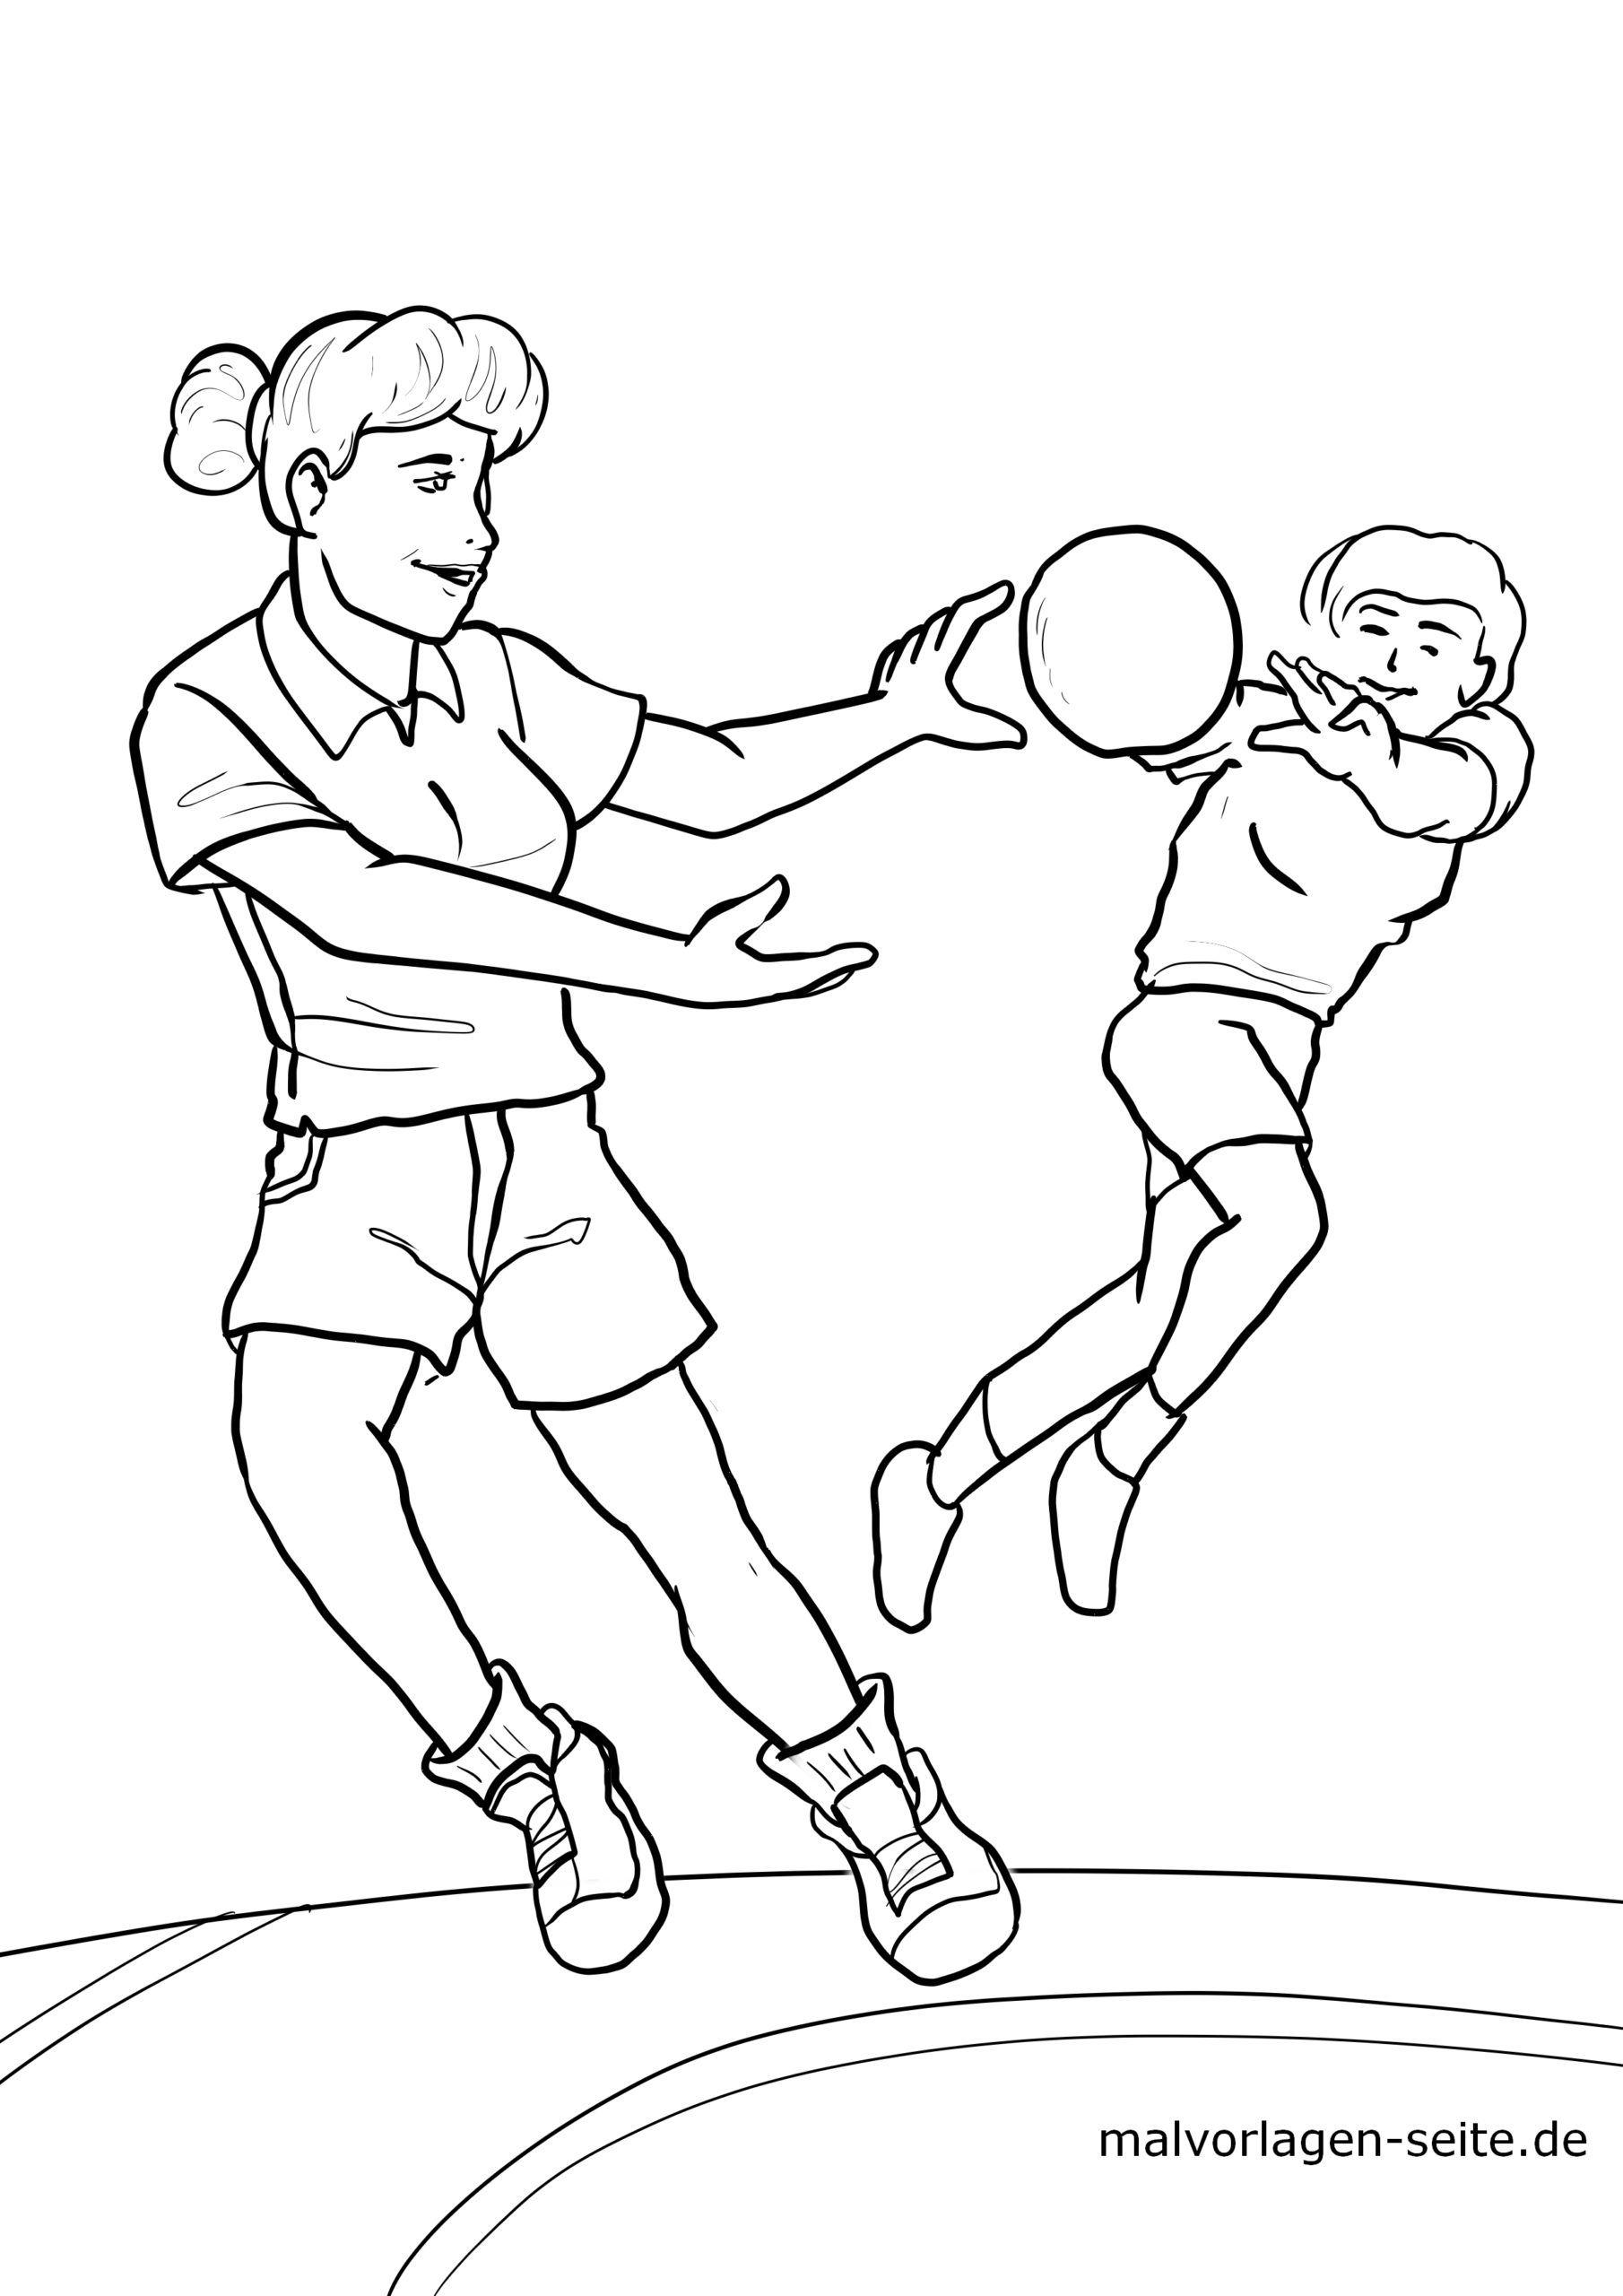 Malvorlage Handball Spielen Sport Ausmalbilder Kostenlos